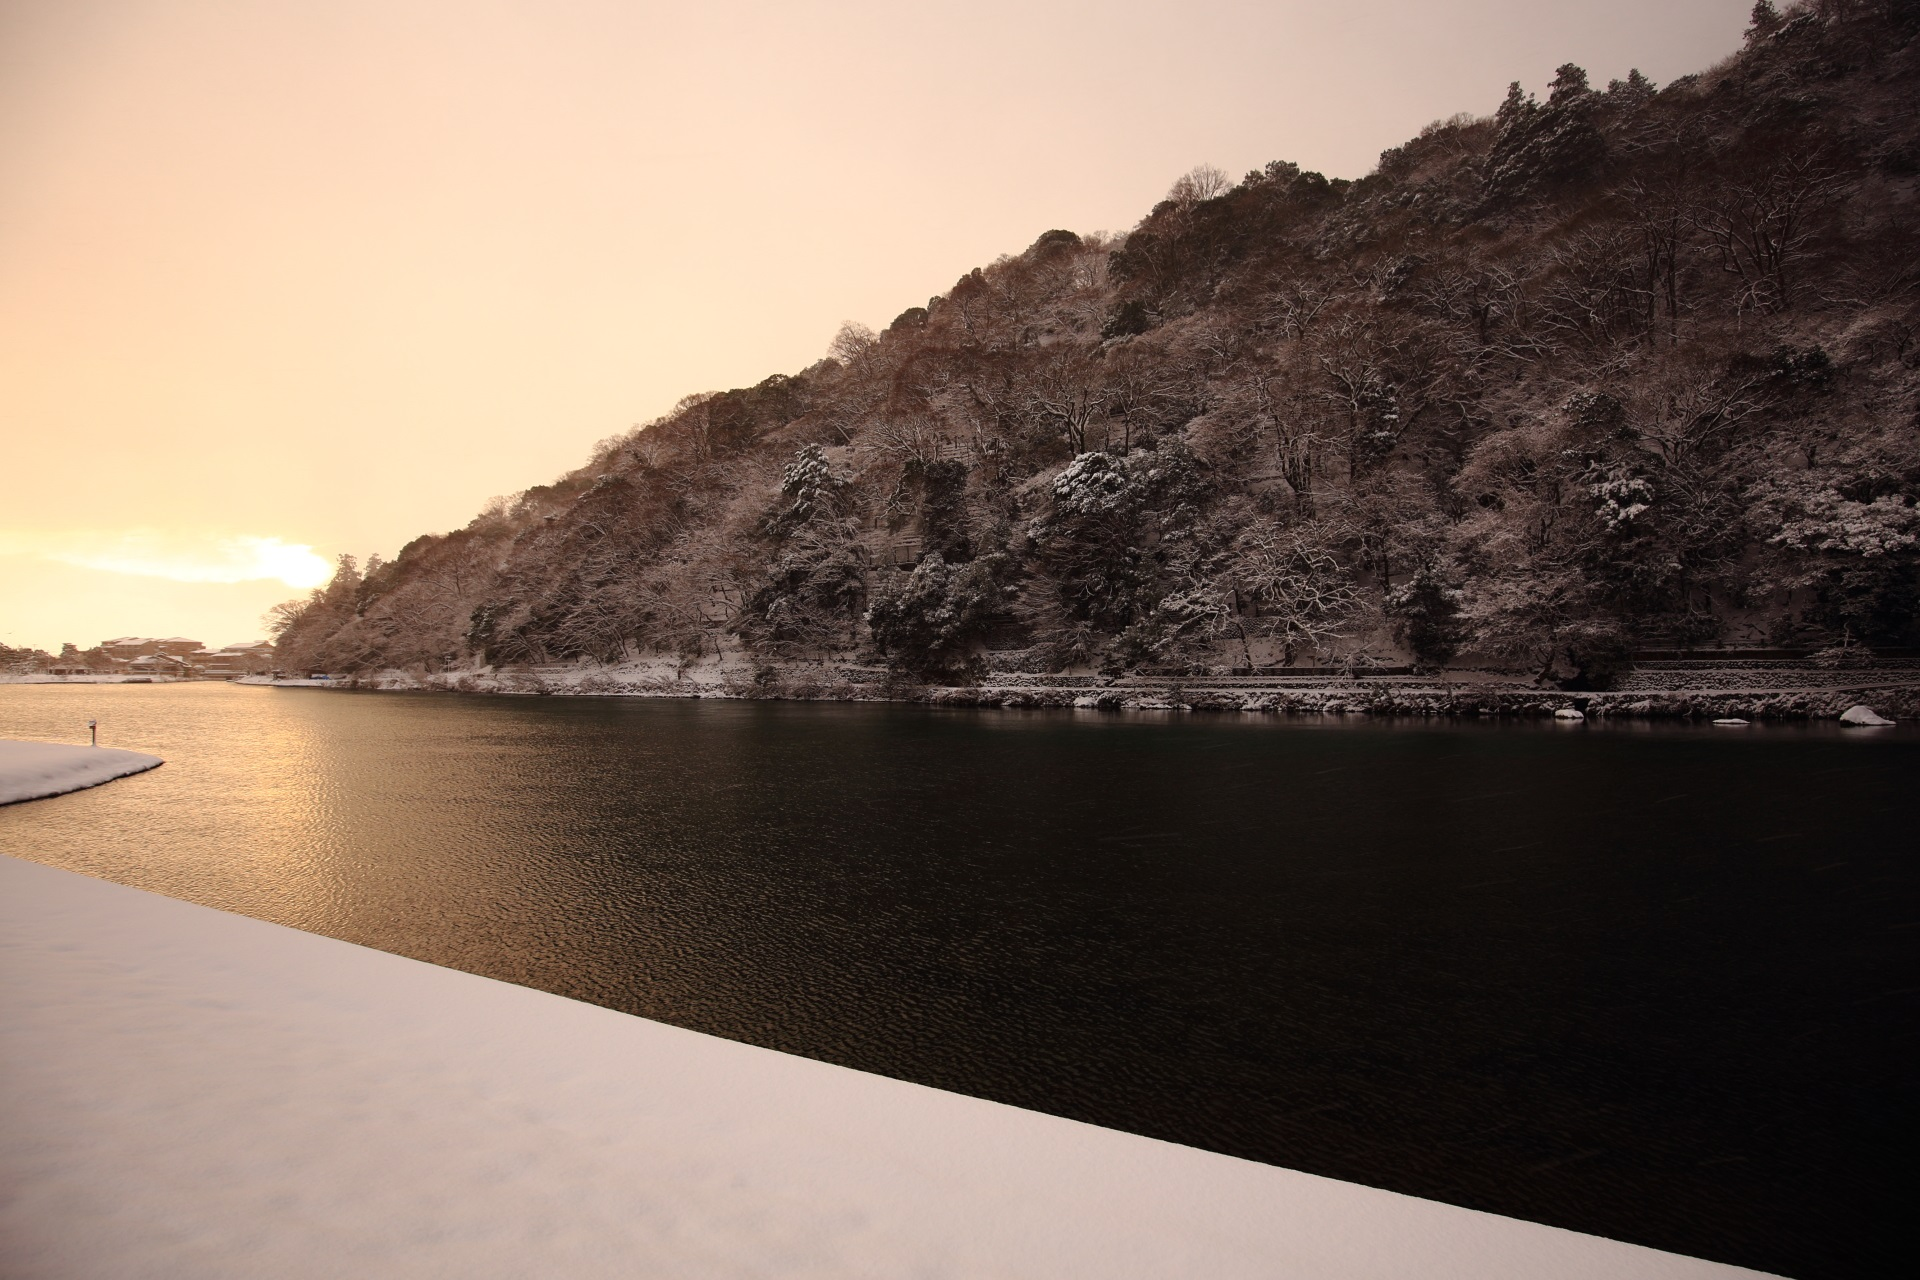 桂川の淡い朝焼けと雪景色